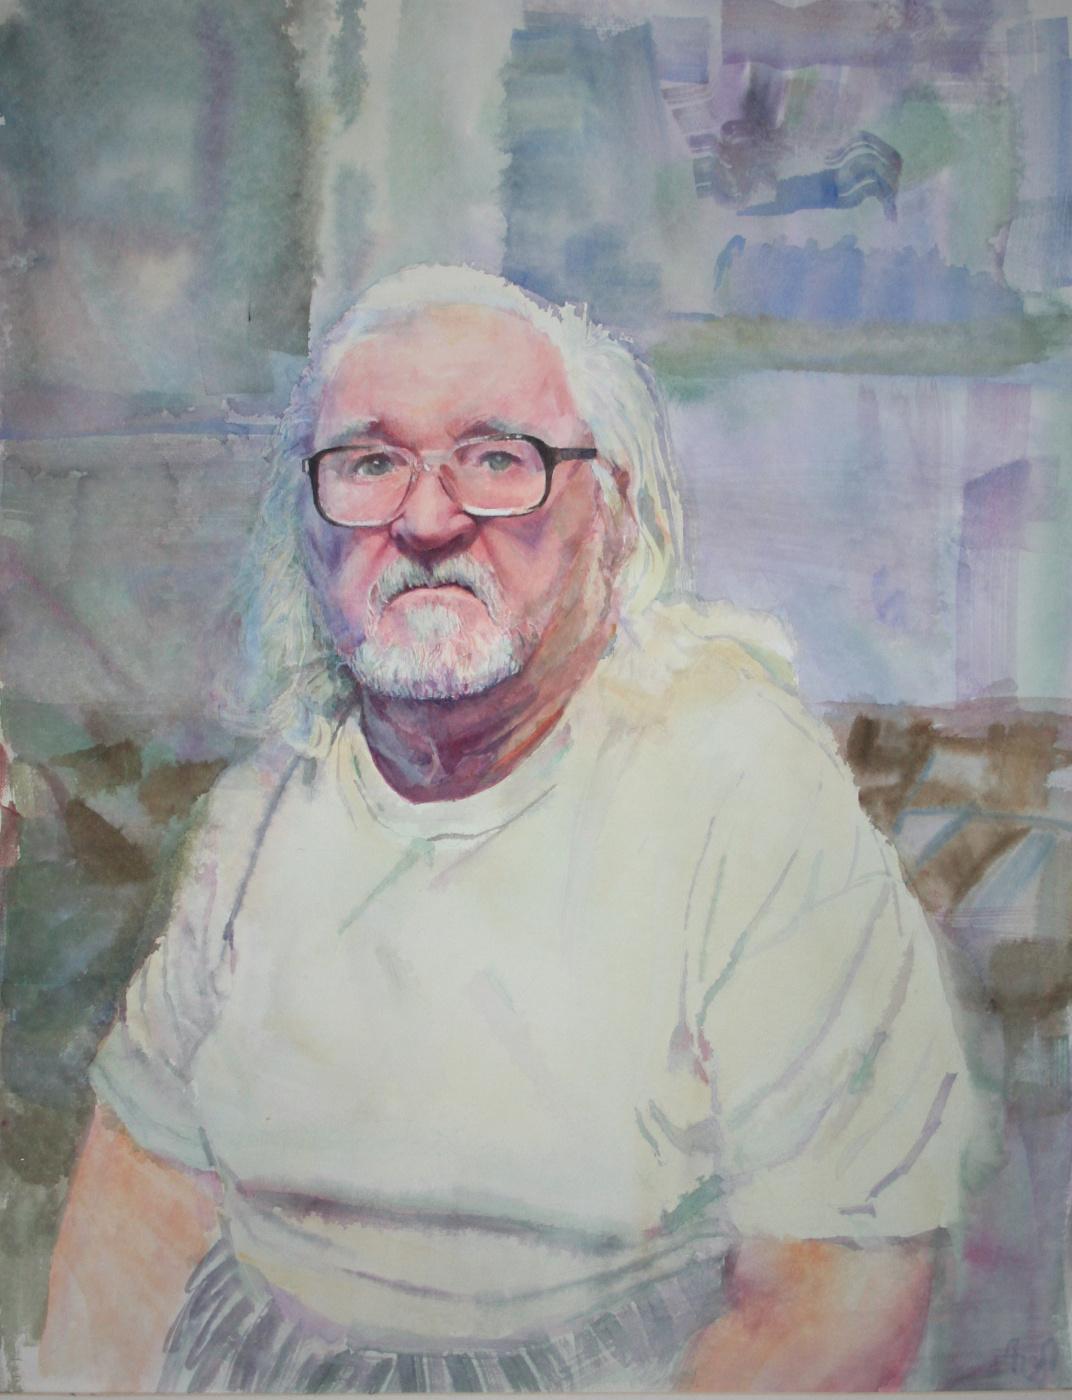 Oktay Alirzaevich Alirzayev. Portrait of art by Yakobchuk.